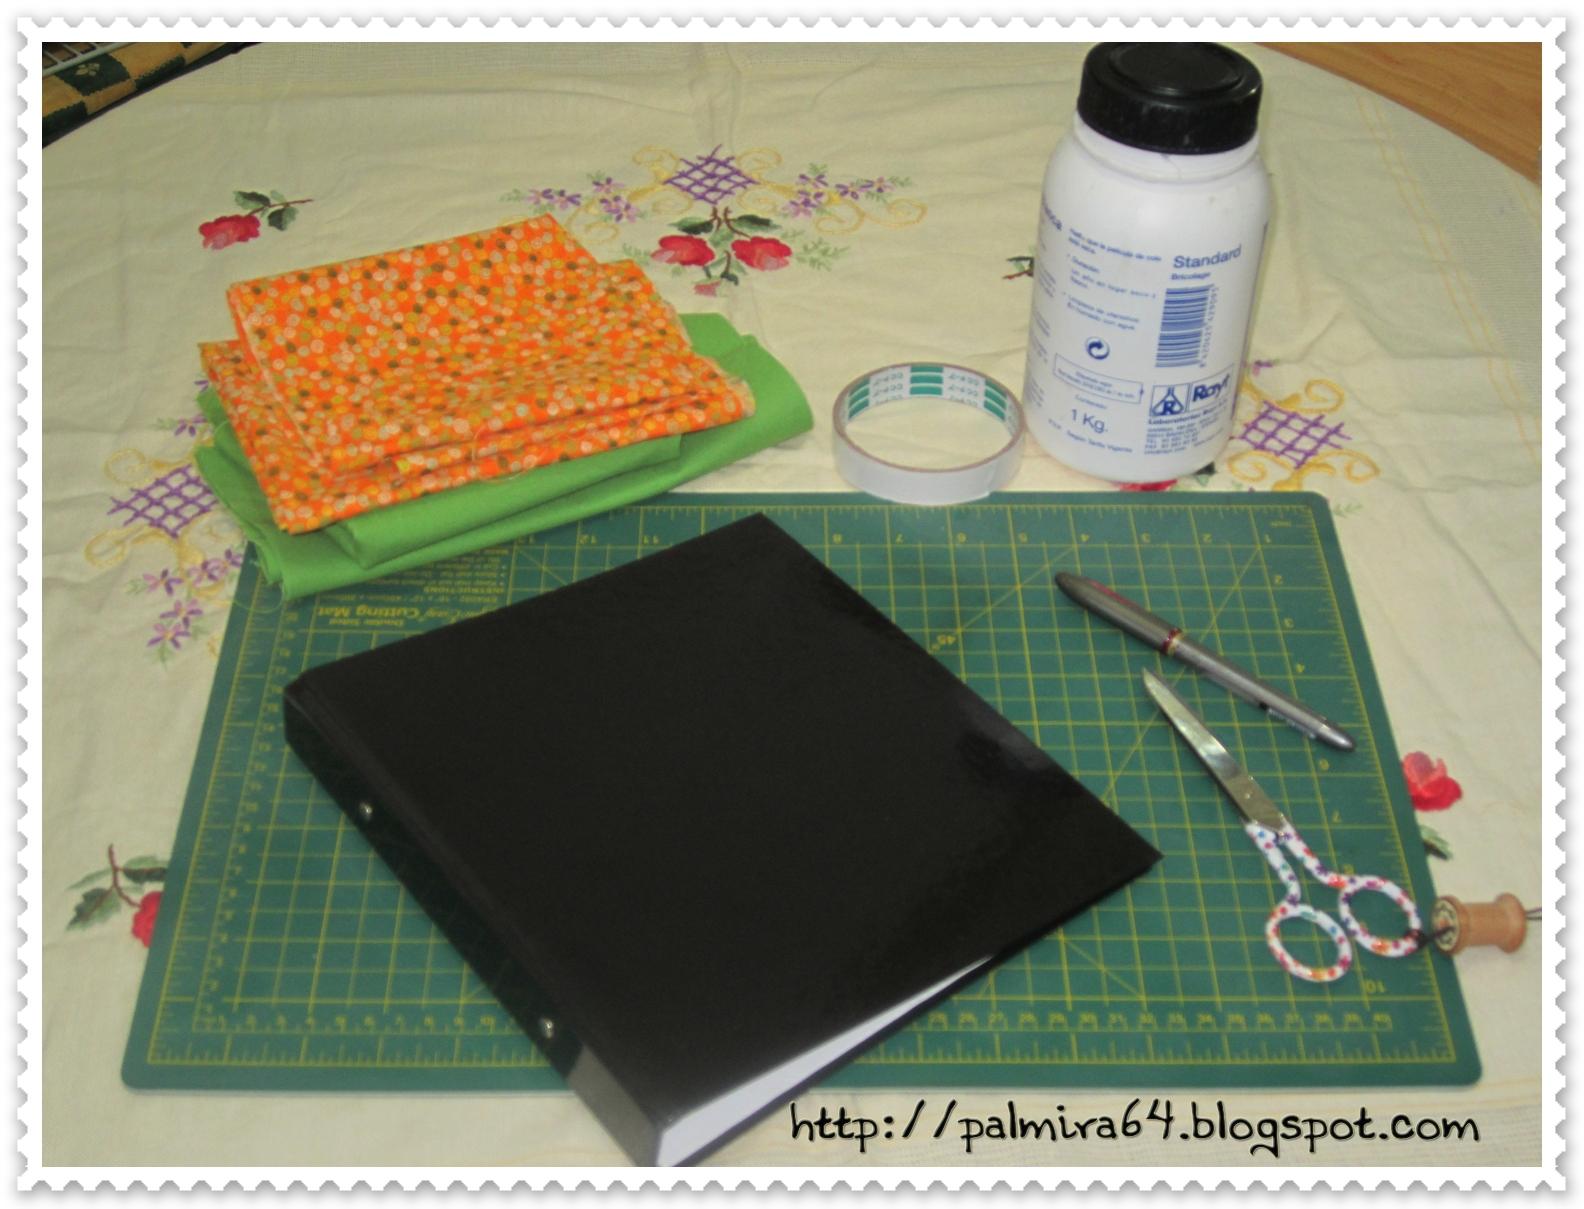 Mis pasiones passiflora como forrar archivador o bloc - Como forrar muebles con tela paso a paso ...